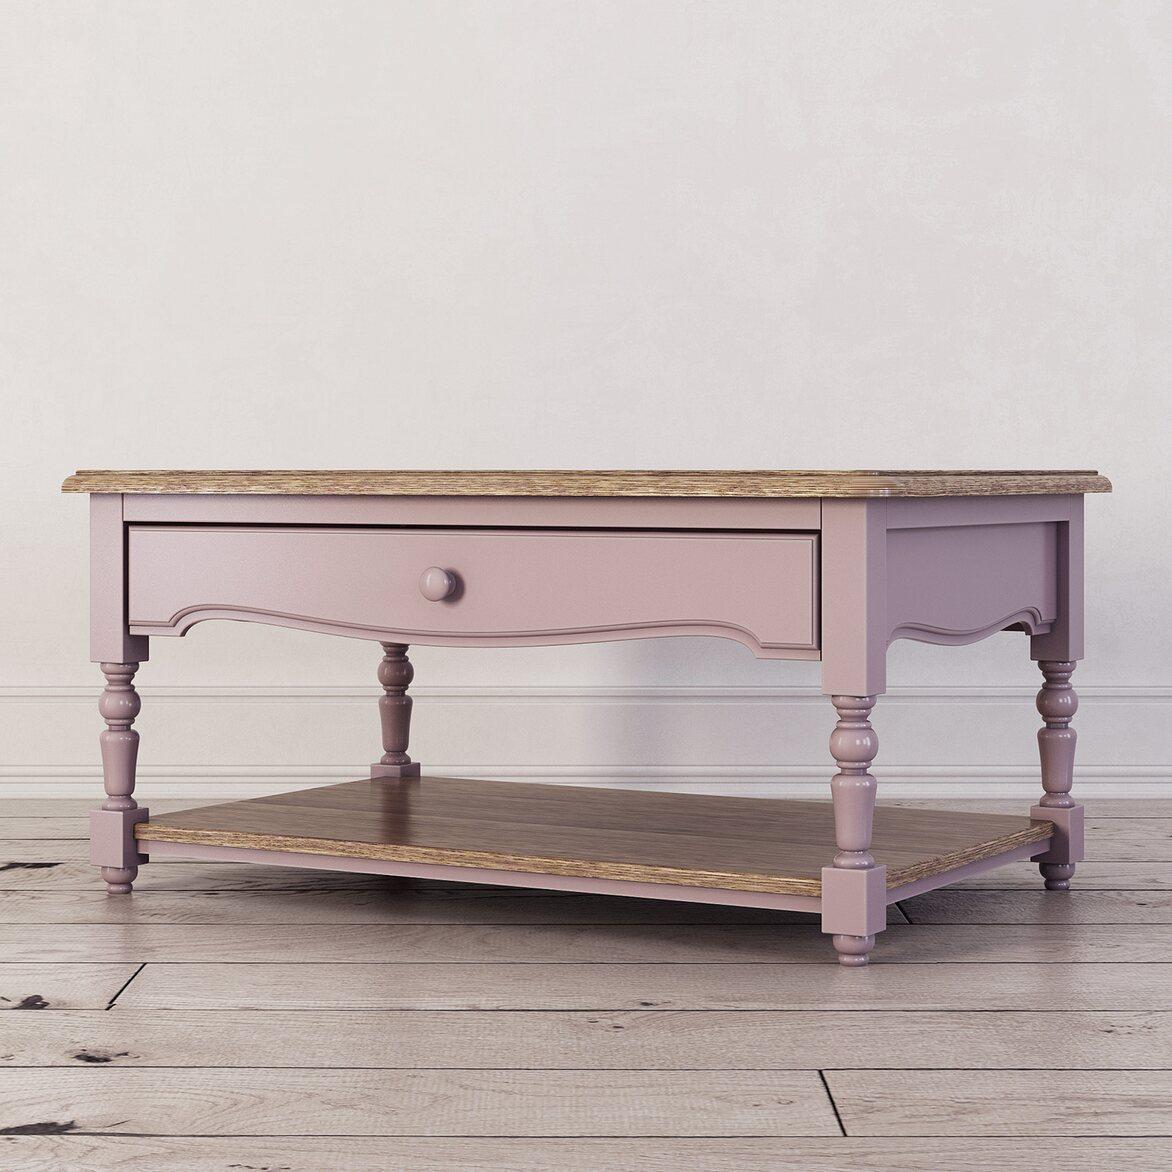 Журнальный столик Leblanc, лаванда 2 | Журнальные столики Kingsby